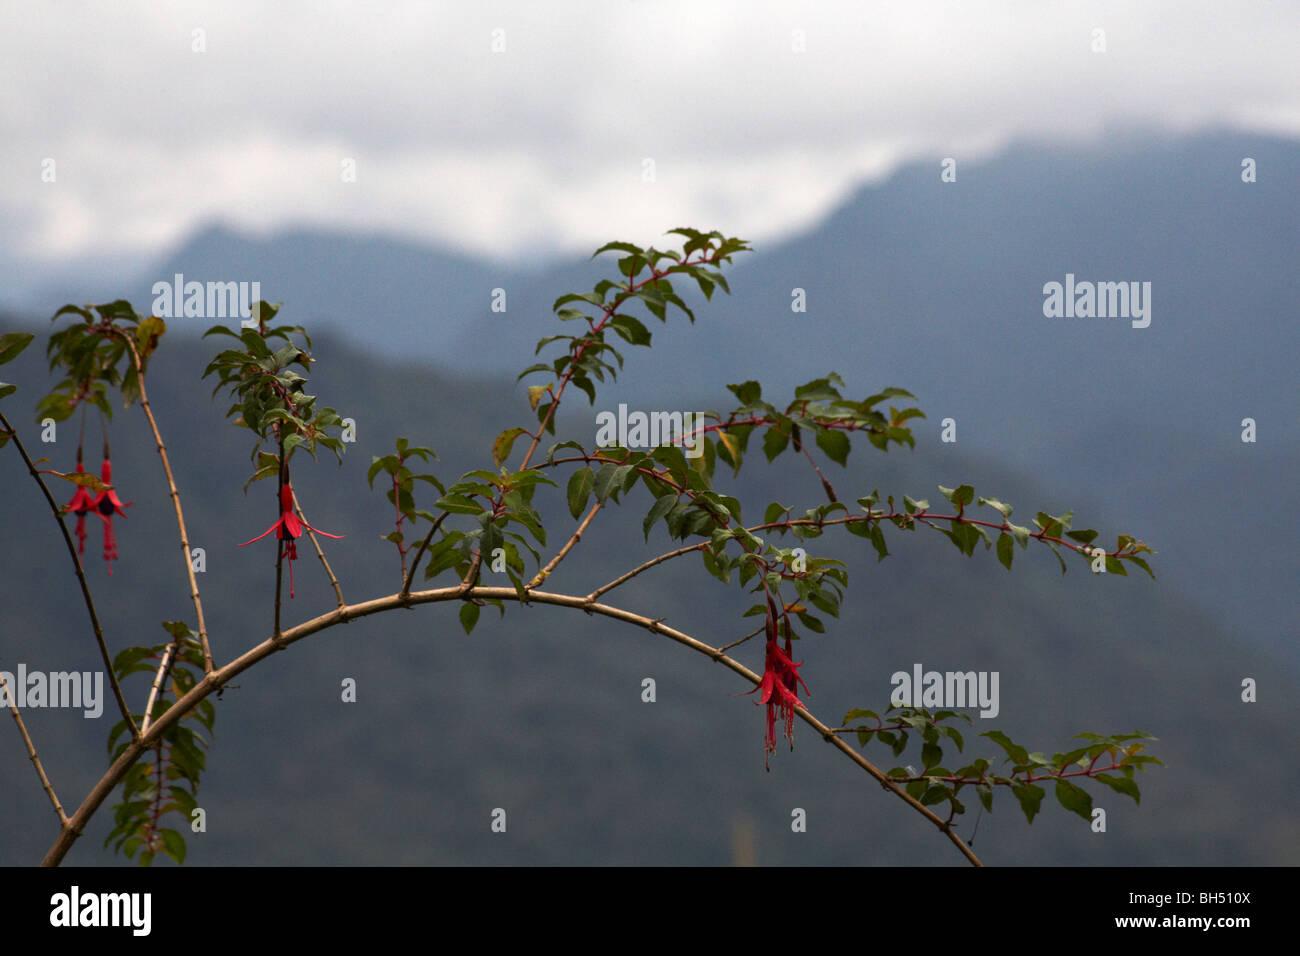 Fuchsien wachsen natürlich mit den Bergen als Kulisse. Stockbild